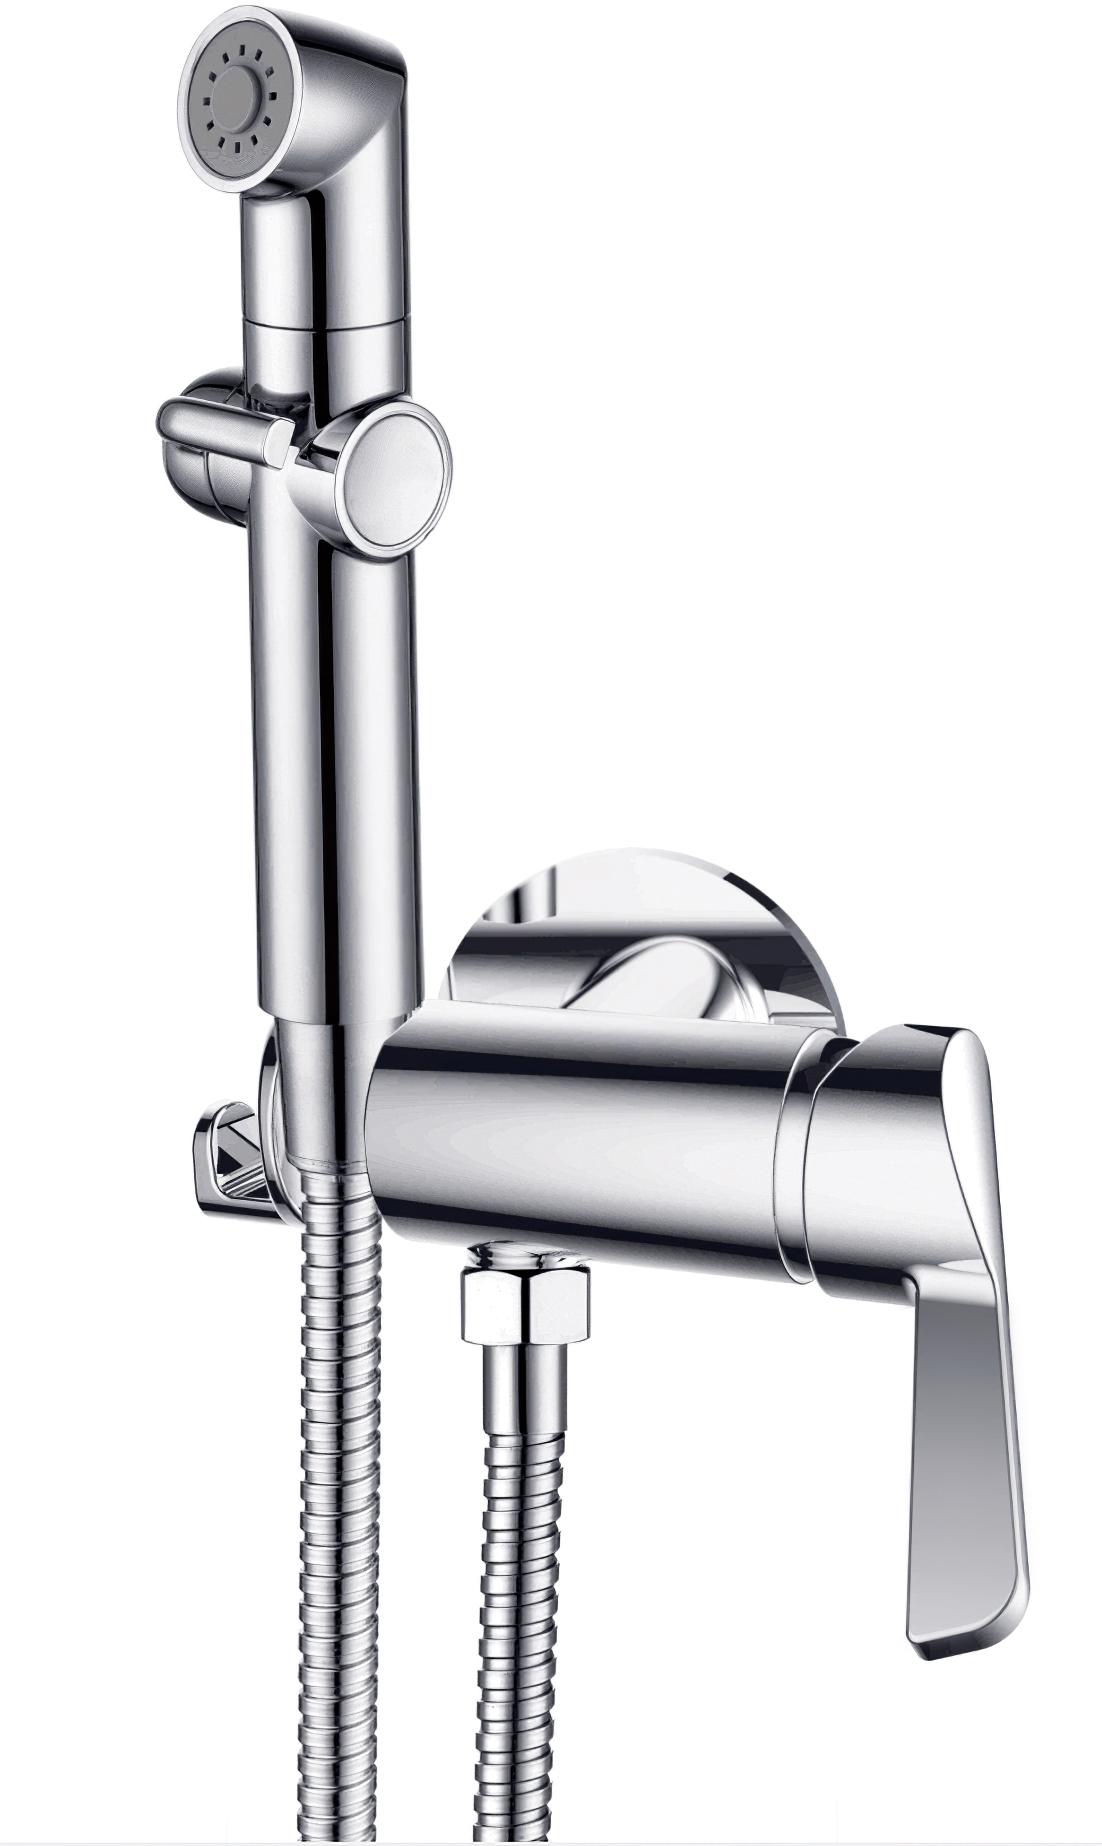 Смеситель для душа D&K Rhein.Schiller DA1464501 с гигиеническим душем встраиваемый хром